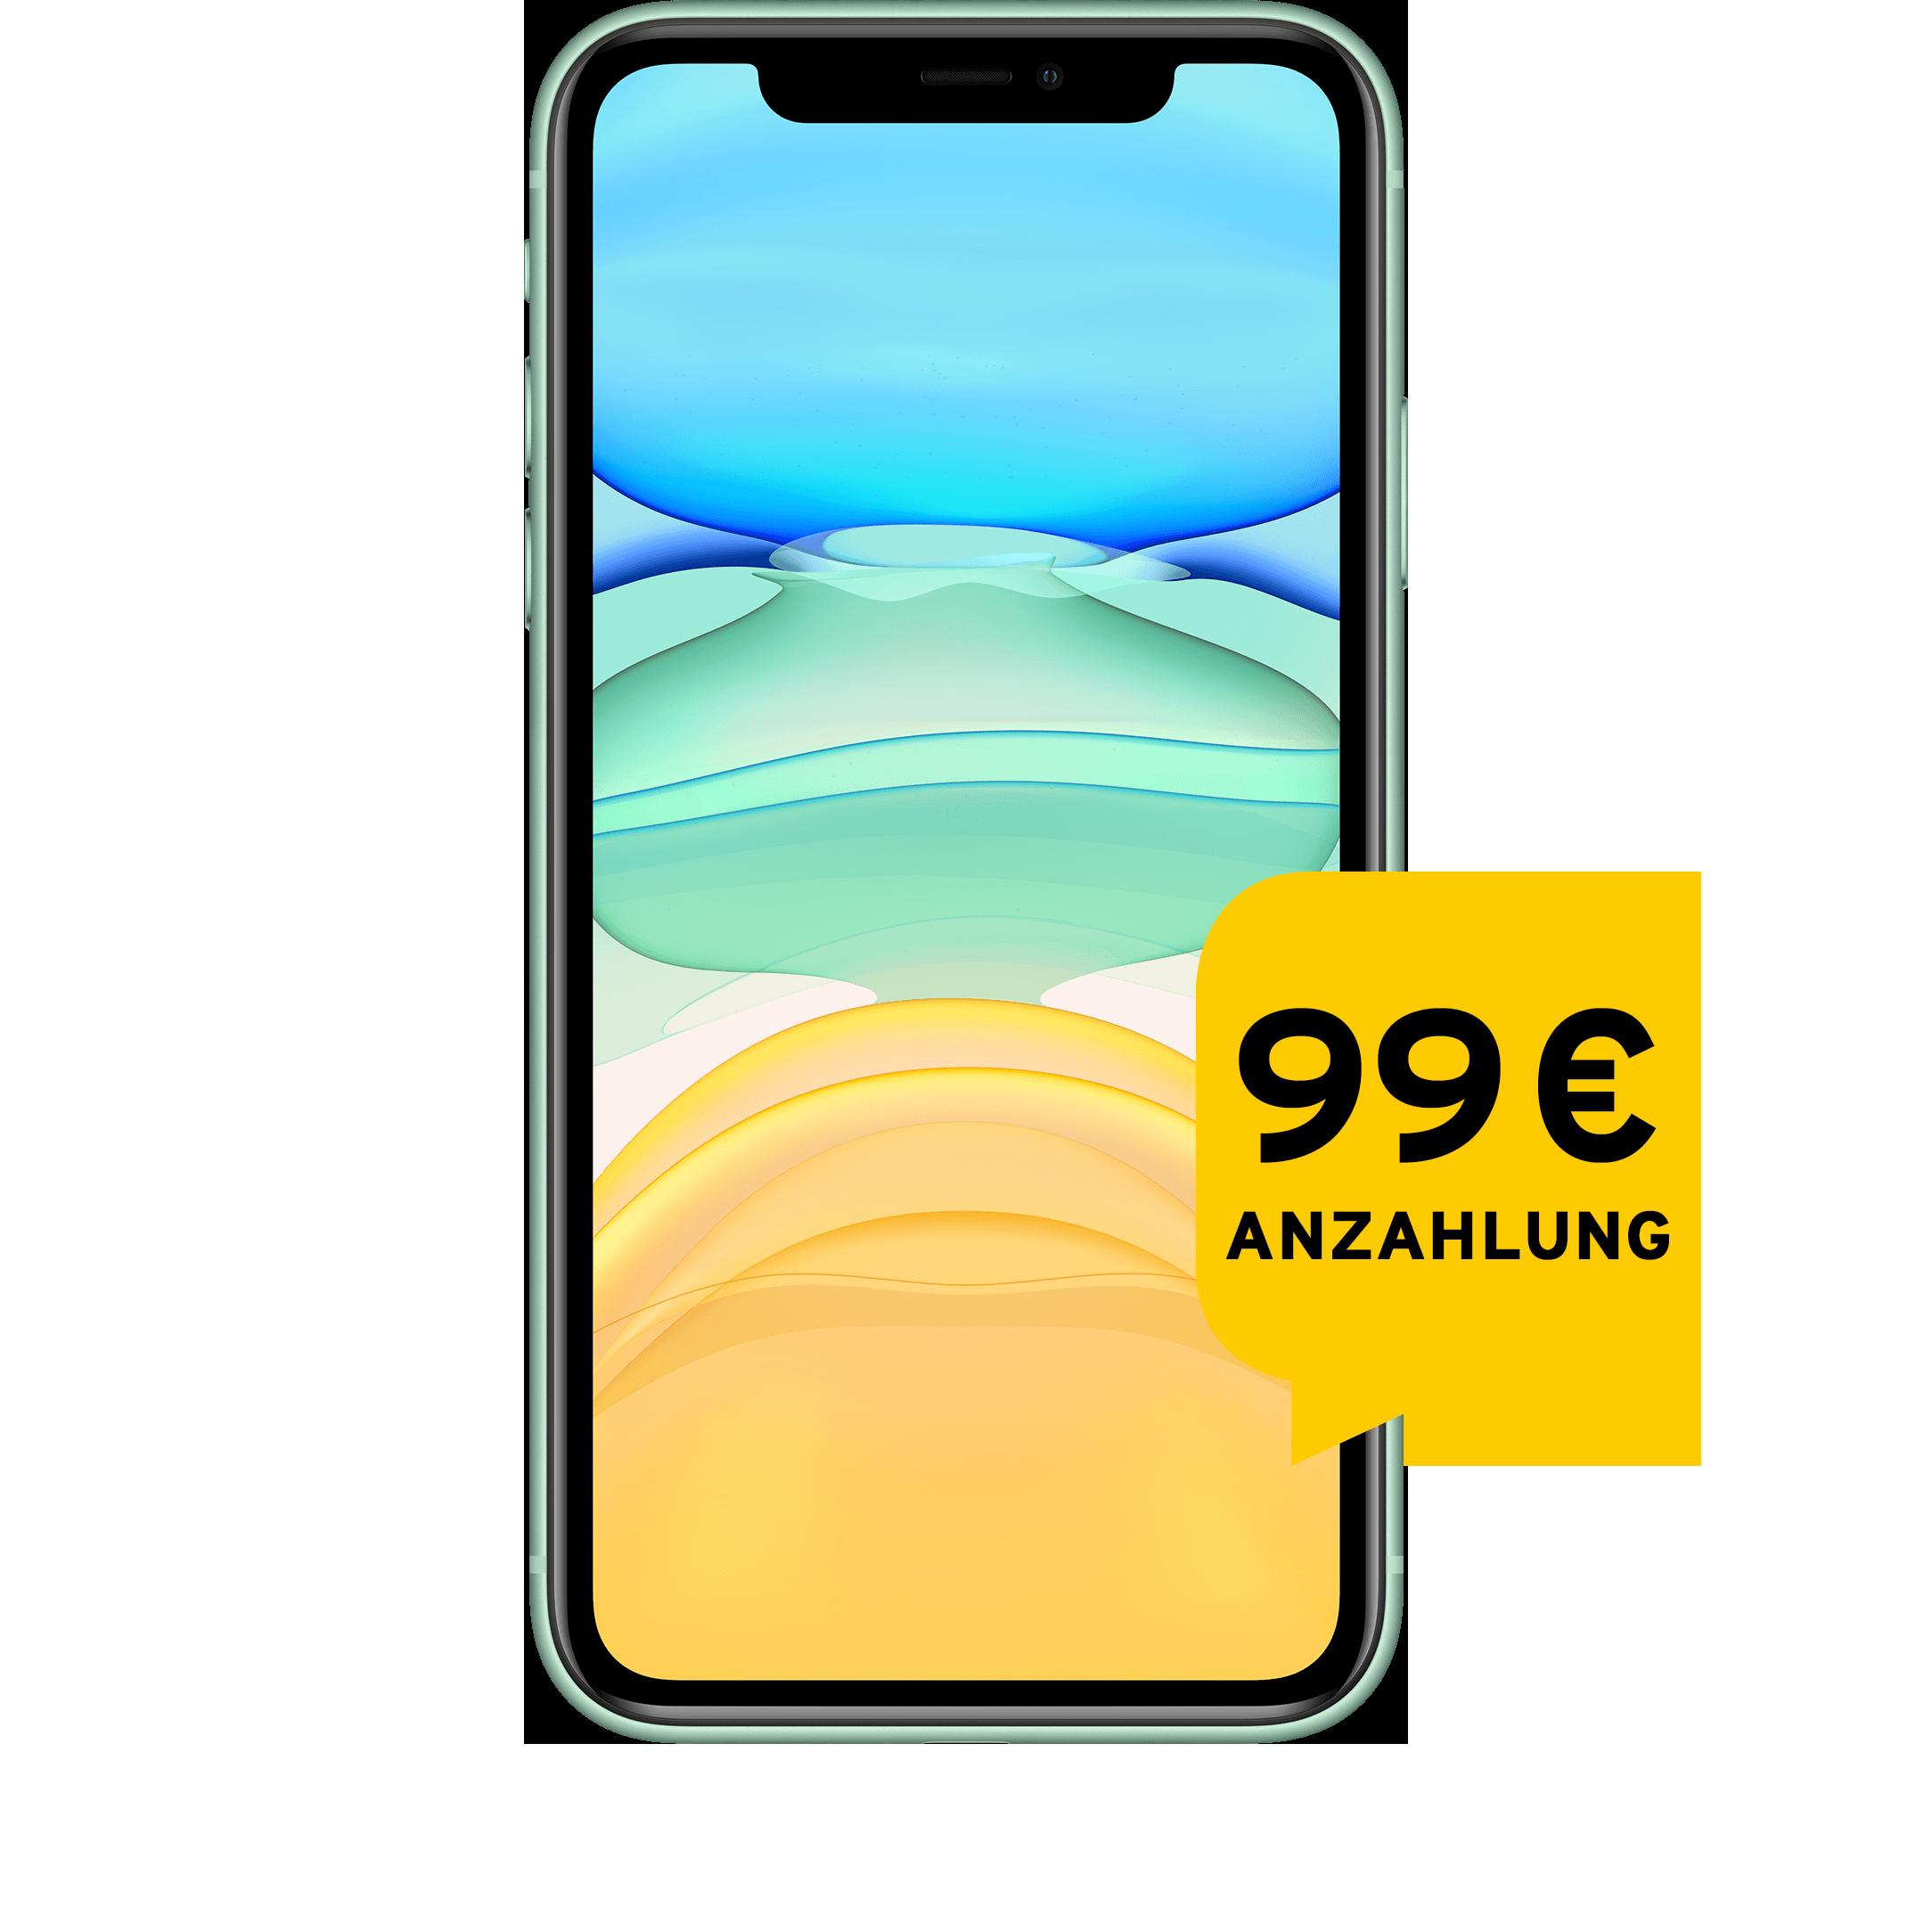 Günstig Kaufen beim Preisvergleich-Apple iPhone 11 64 GB grün Aktion mit Allnet Flat L